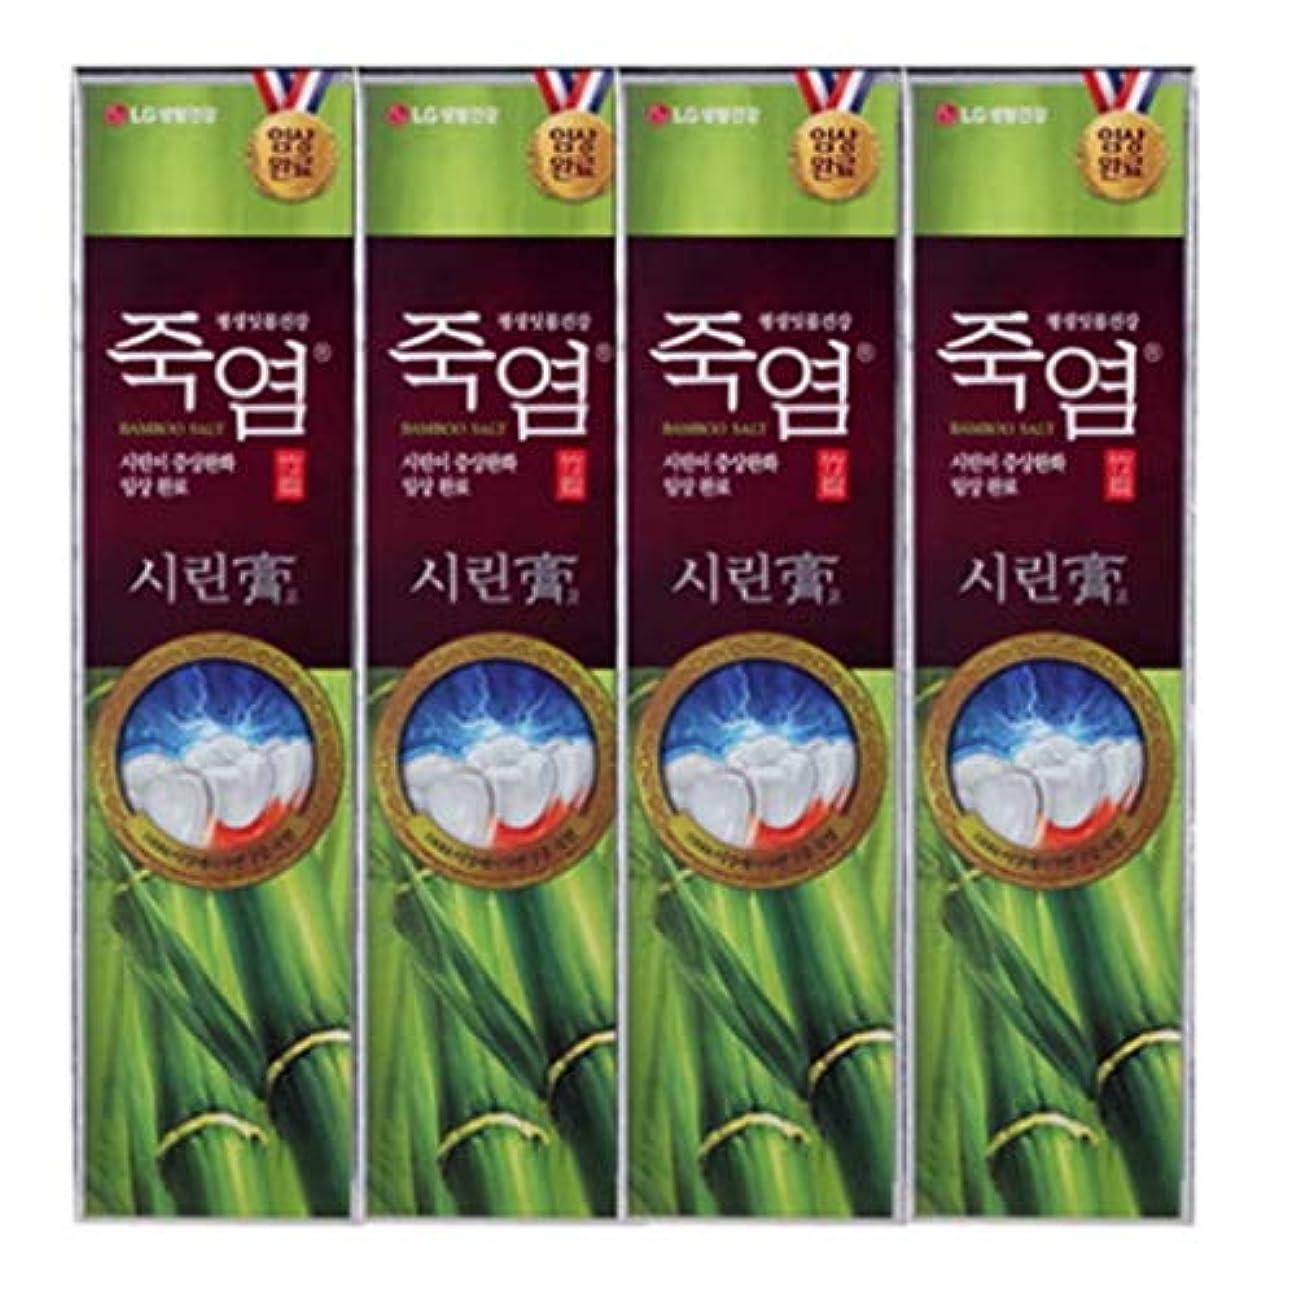 ティーンエイジャー返済除去[LG Care/LG生活健康]竹塩歯磨き粉つぶれて歯茎を健康に120g x4ea/歯磨きセットスペシャル?リミテッドToothpaste Set Special Limited Korea(海外直送品)